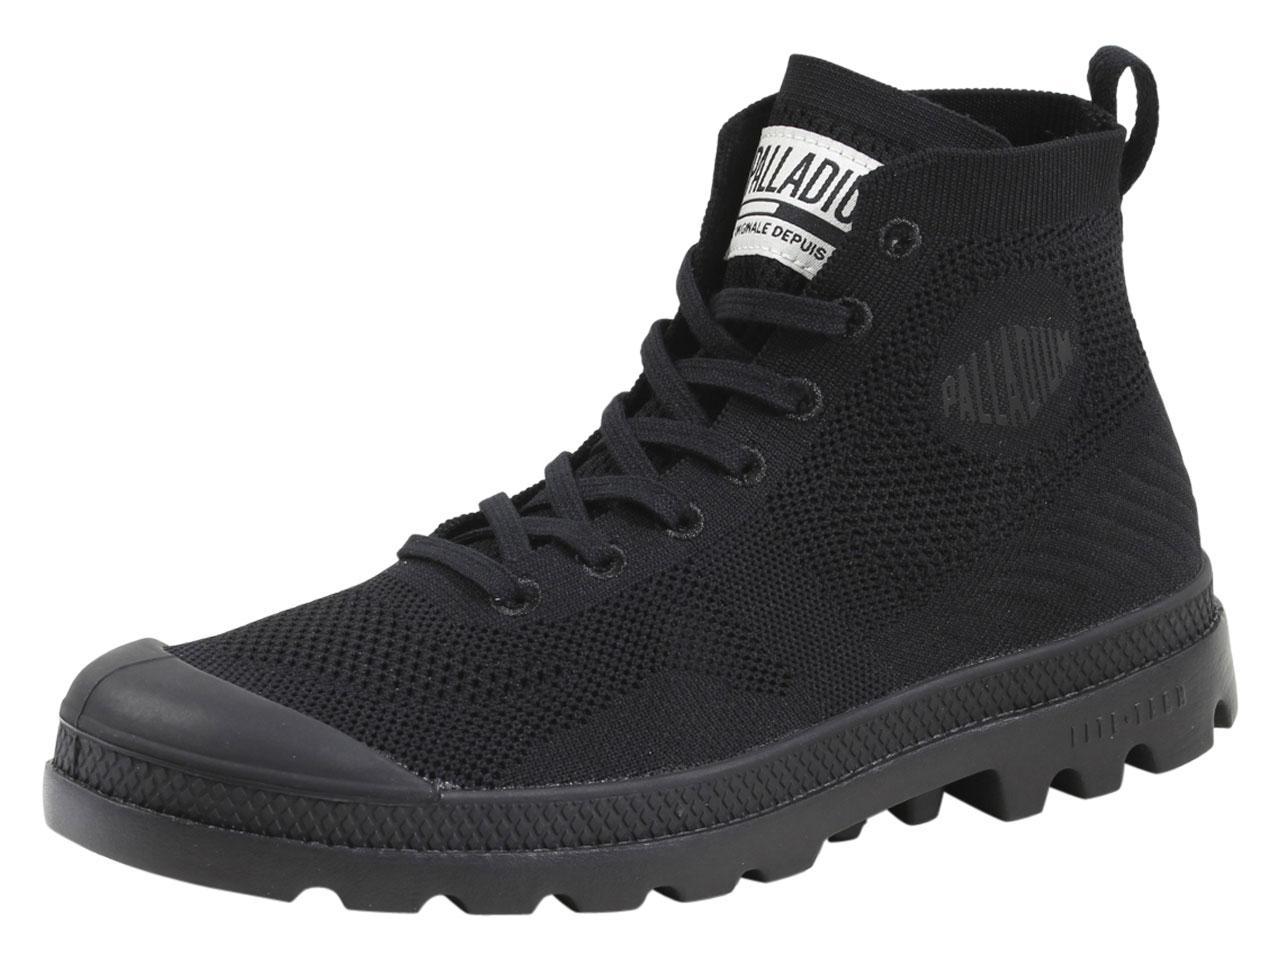 Image of Palladium Men's Pampa Hi Lite Knit Boots Shoes - Black - 10 D(M) US/11.5 B(M) US